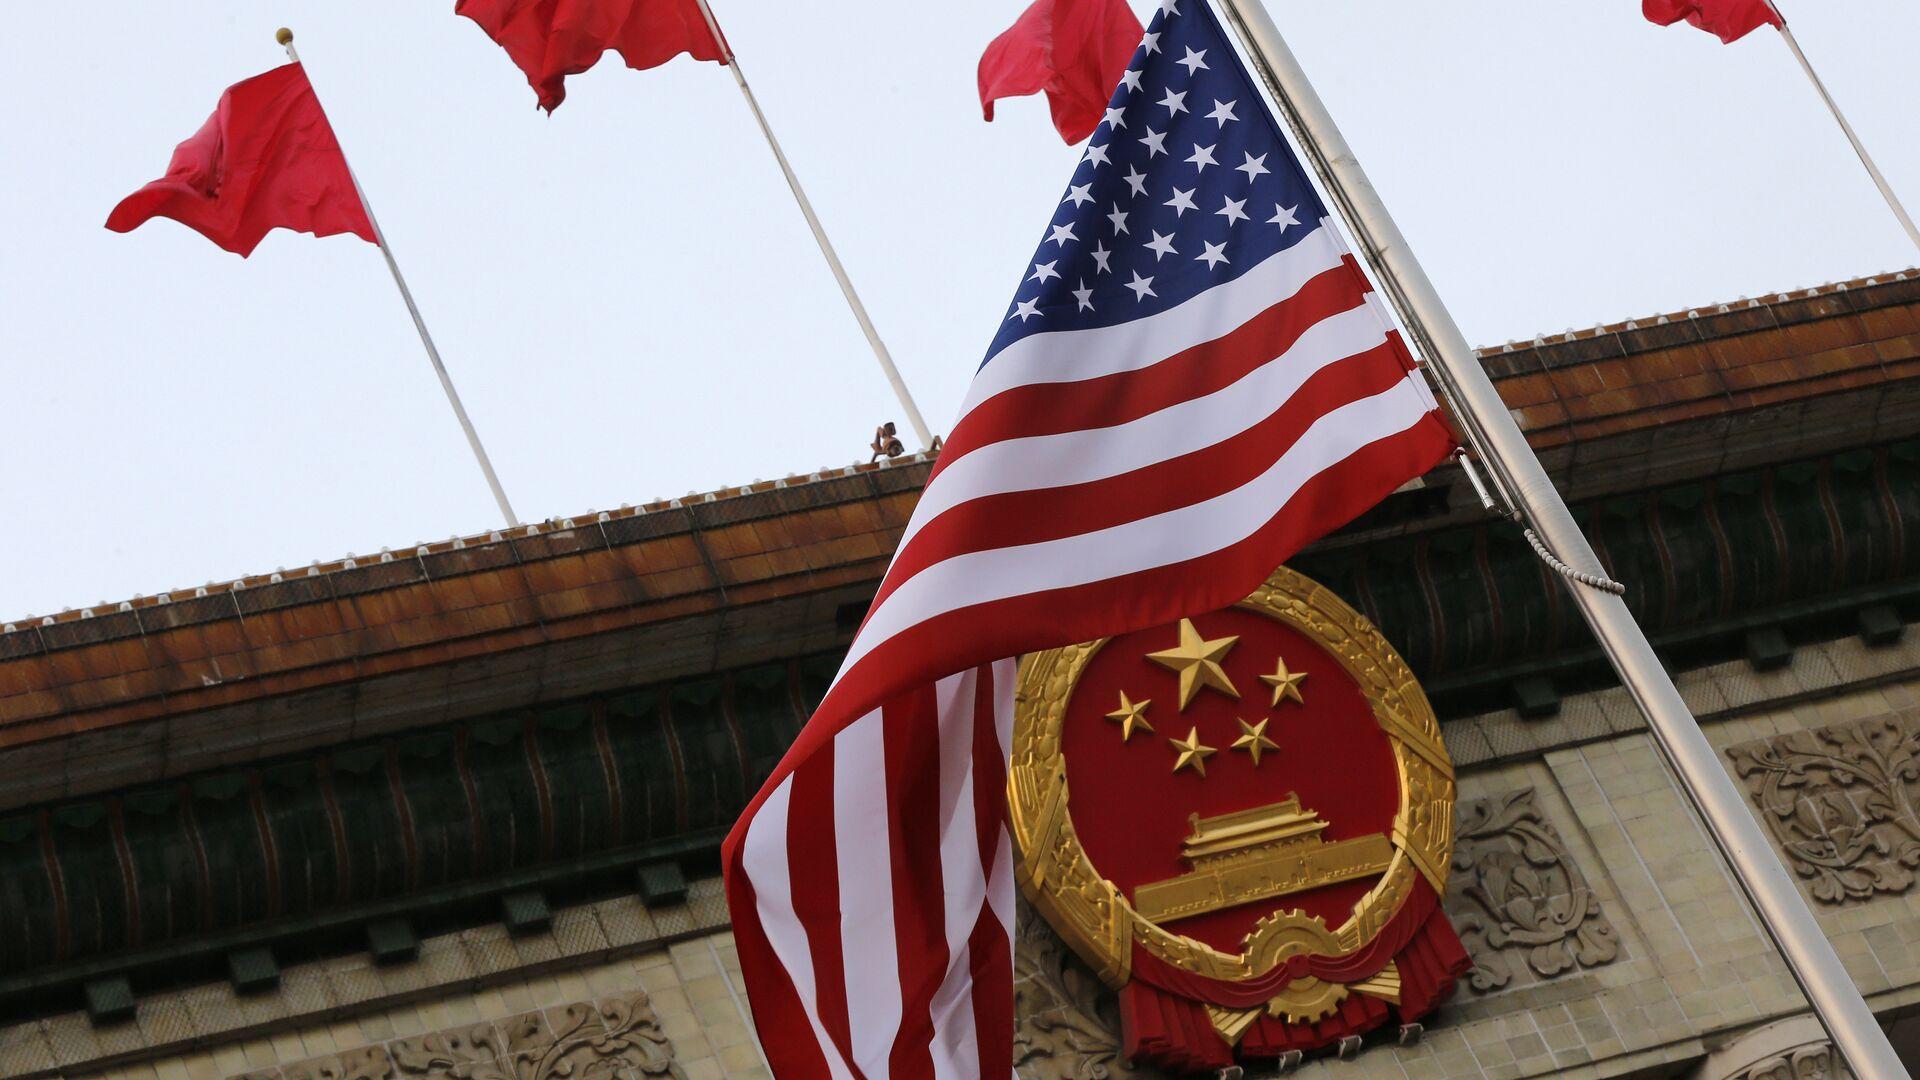 Кина активирала ново оружје против Америке... - Sputnik Србија, 1920, 11.09.2021